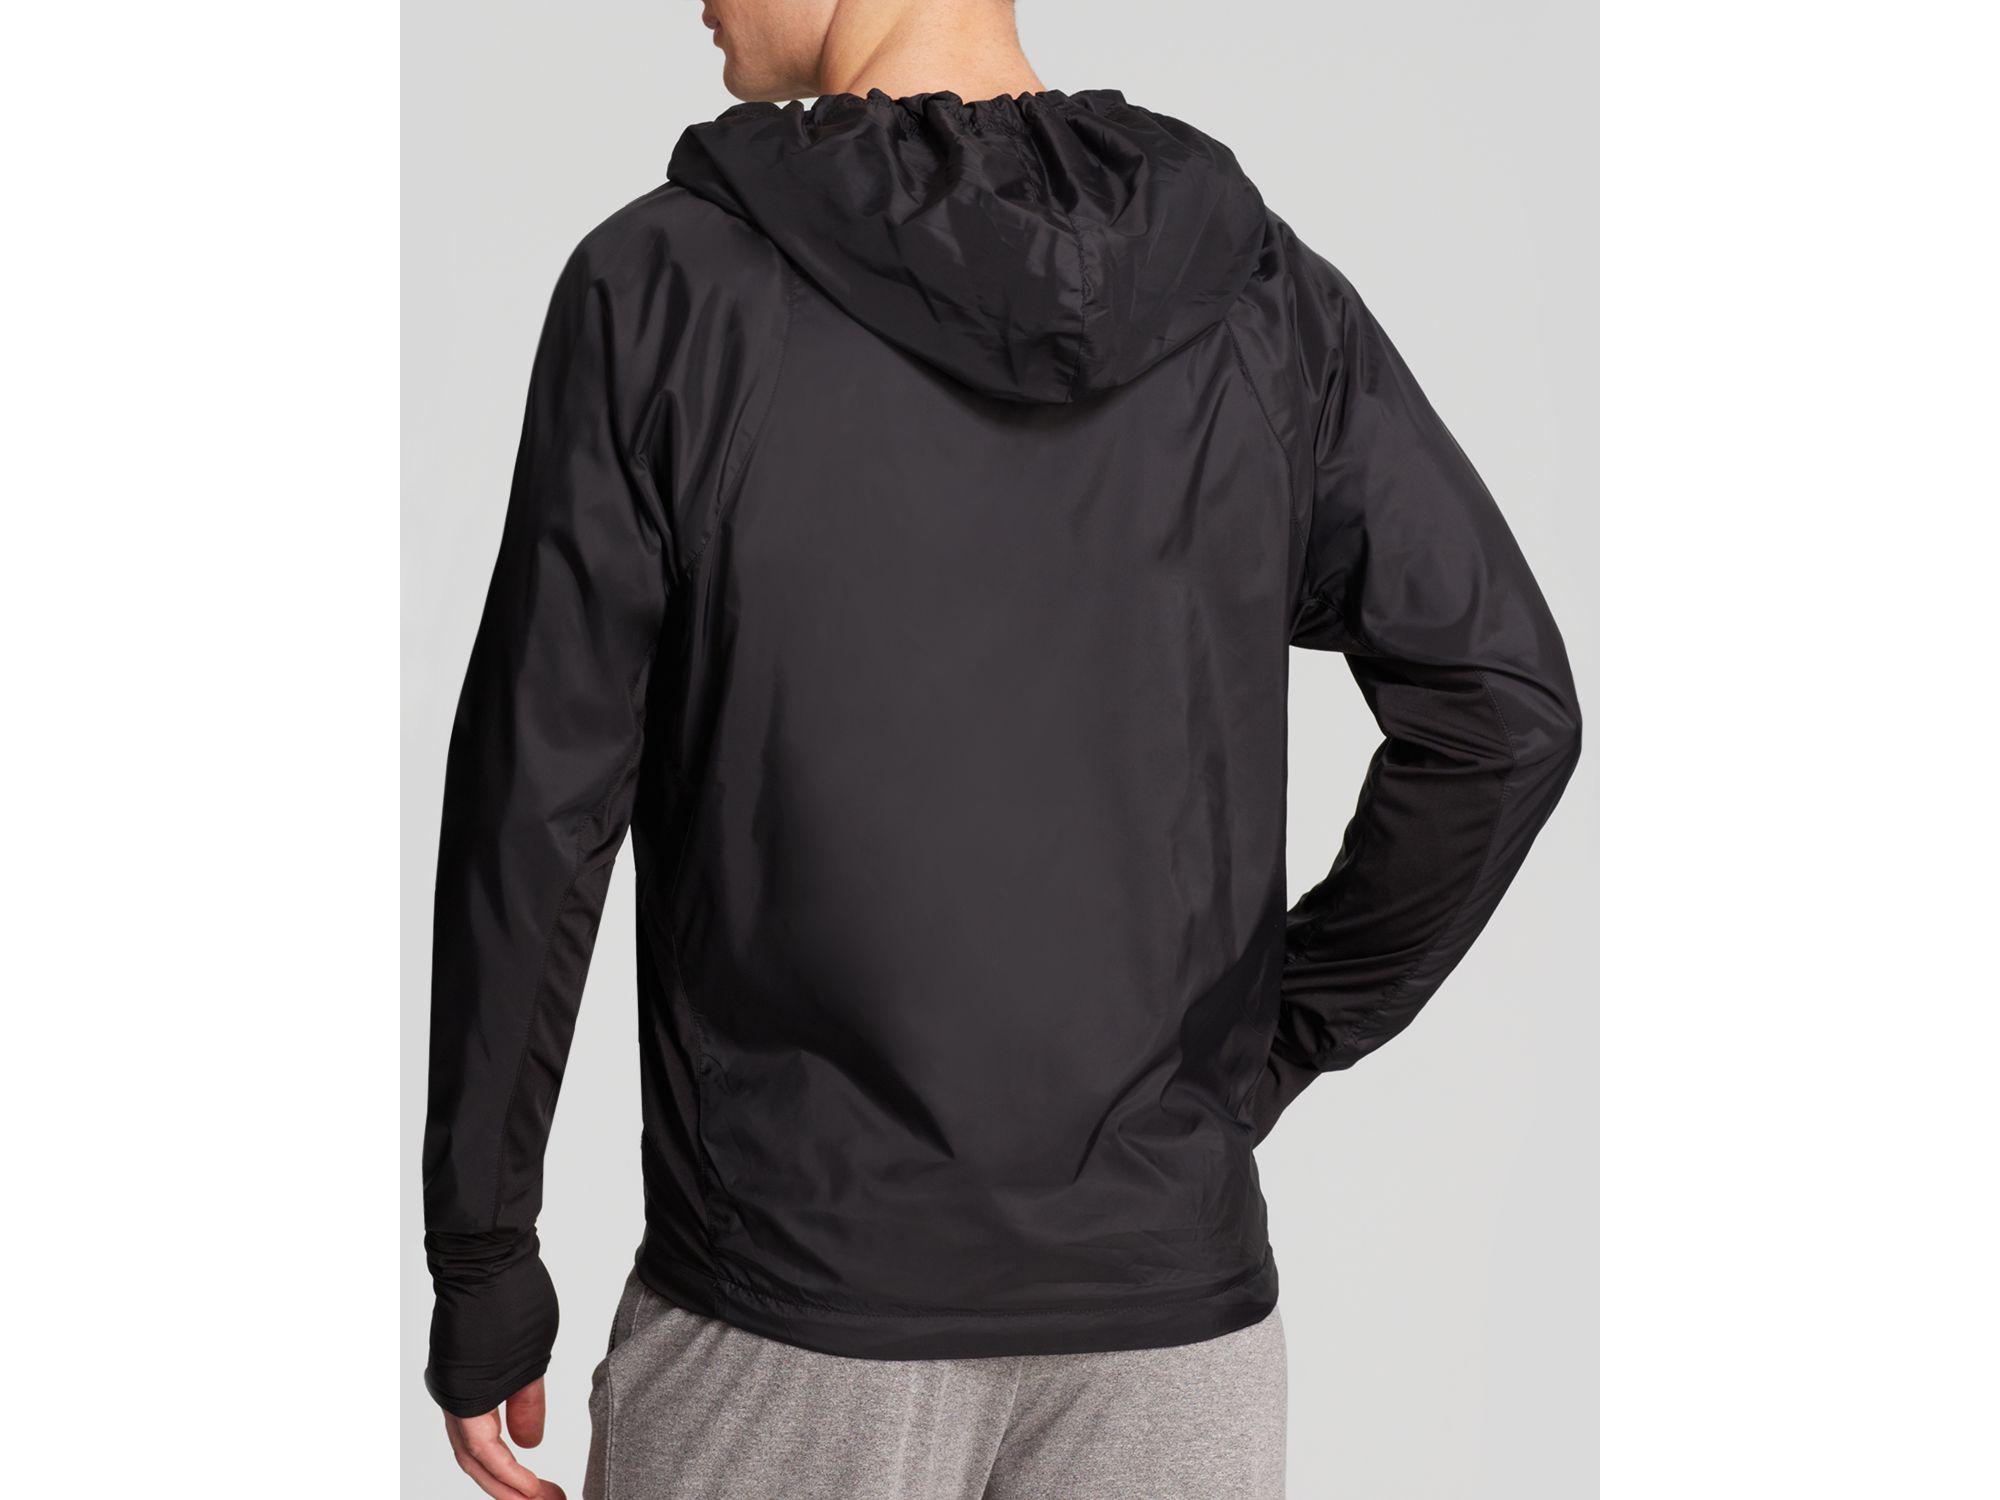 3bf68f7c0 Feats Of Strength Black Hooded Waterproof Windbreaker Jacket -  Bloomingdale's Exclusive for men